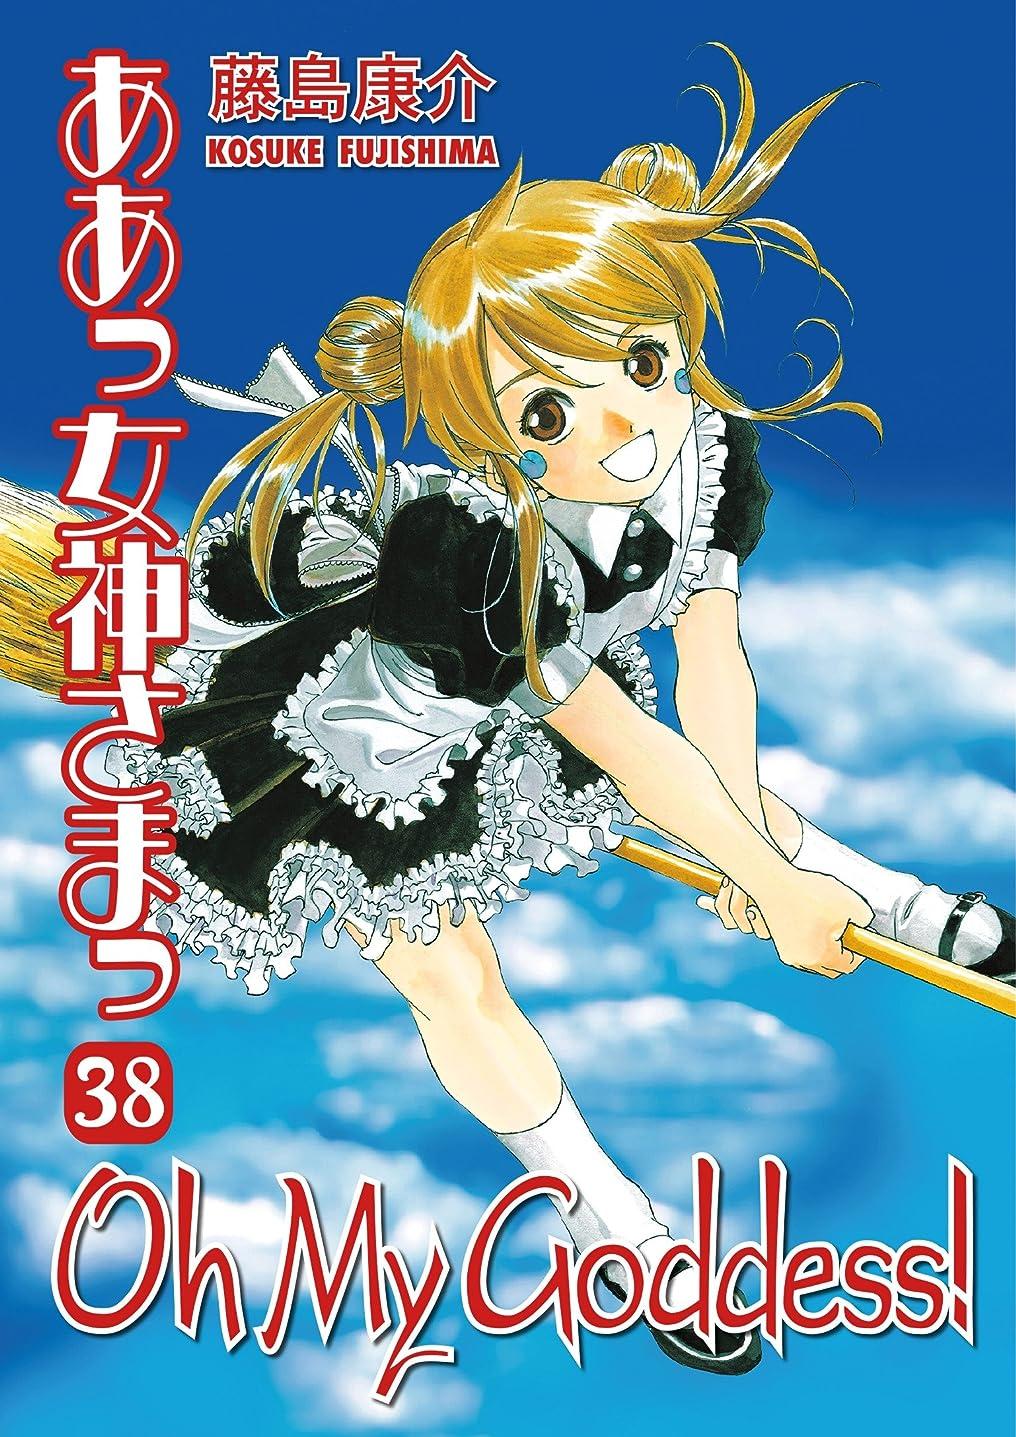 額強調するするだろうOh My Goddess! Volume 38 (Oh My Goddess! (Numbered)) (English Edition)